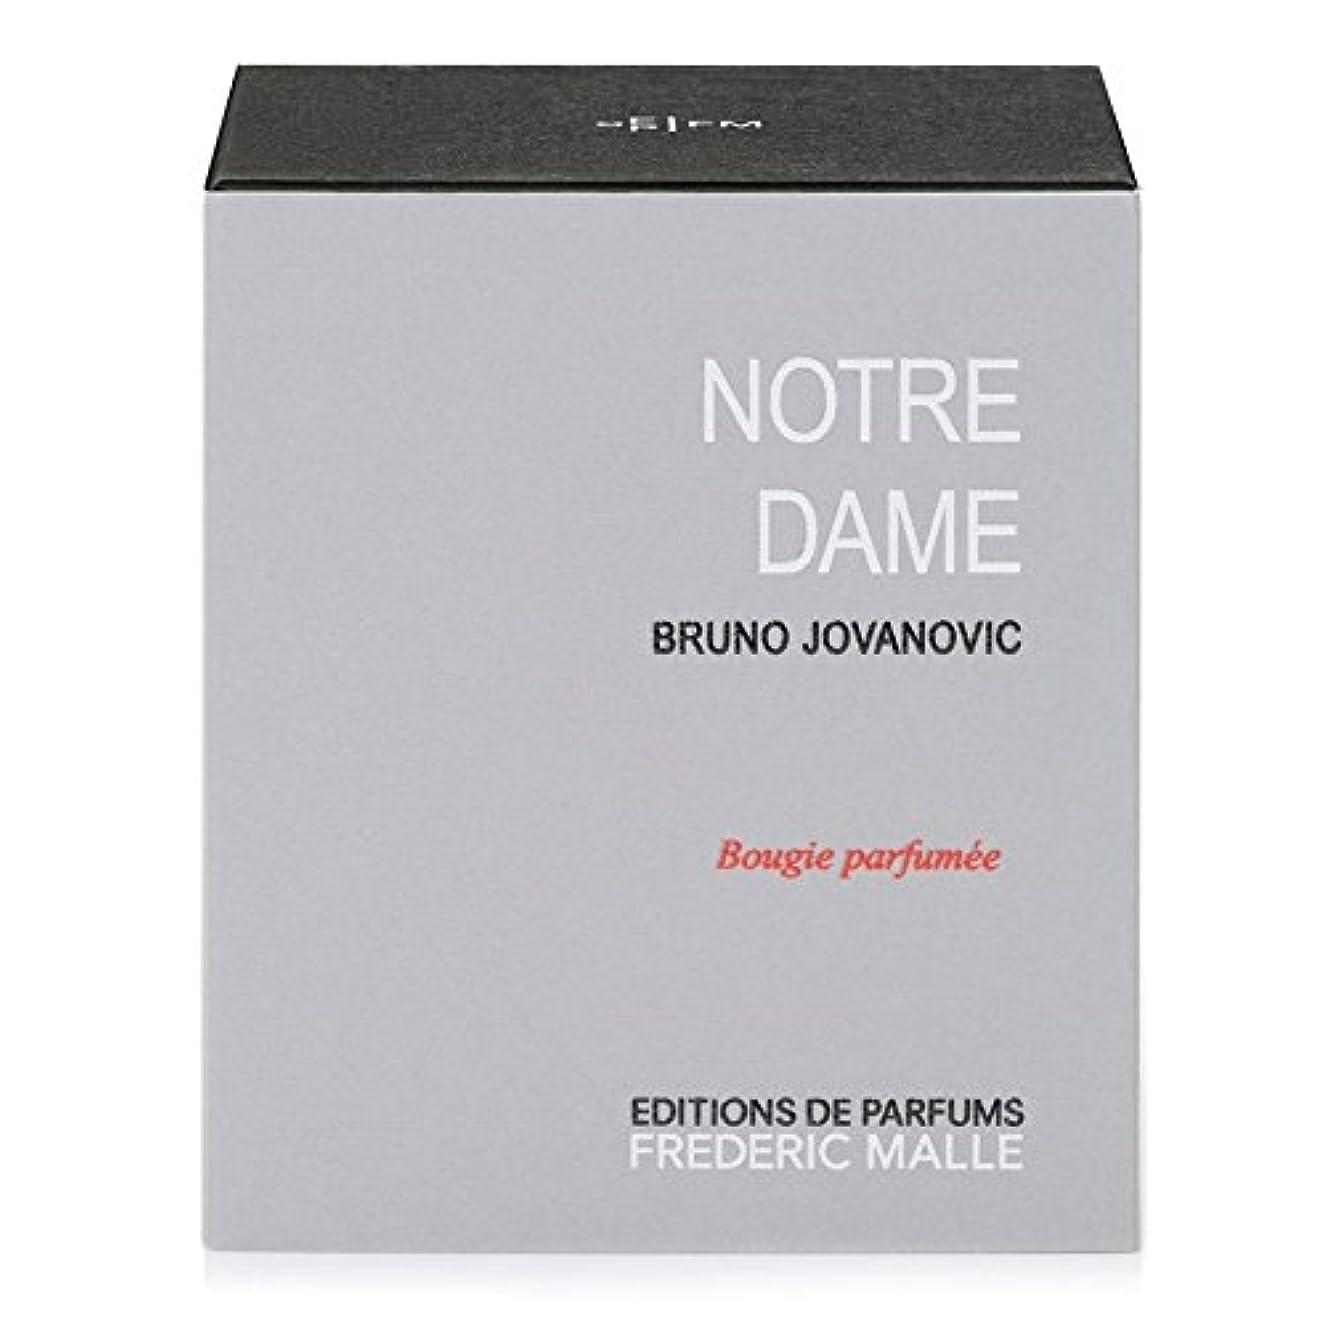 絶妙ジャンピングジャックヘビFrederic Malle Notre Dame Scented Candle 220g (Pack of 2) - フレデリック?マルノートルダム香りのキャンドル220グラム x2 [並行輸入品]